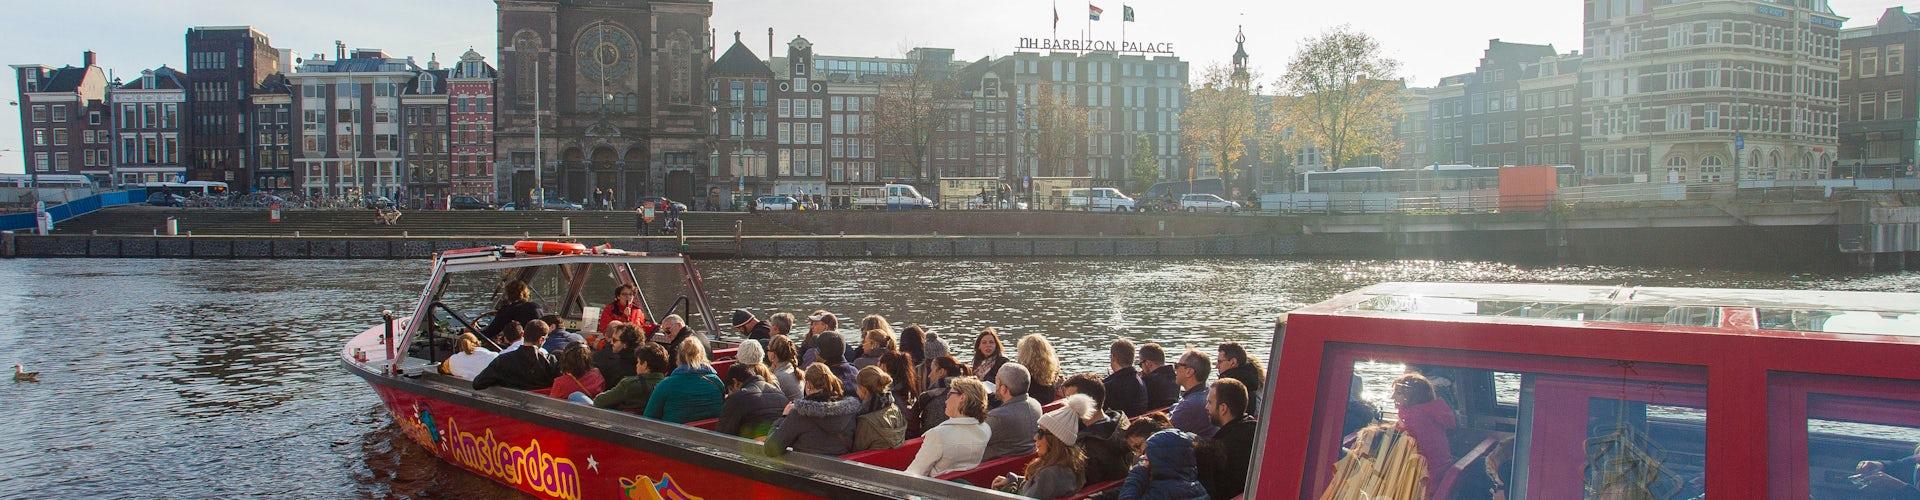 Amsterdam crucero turistico